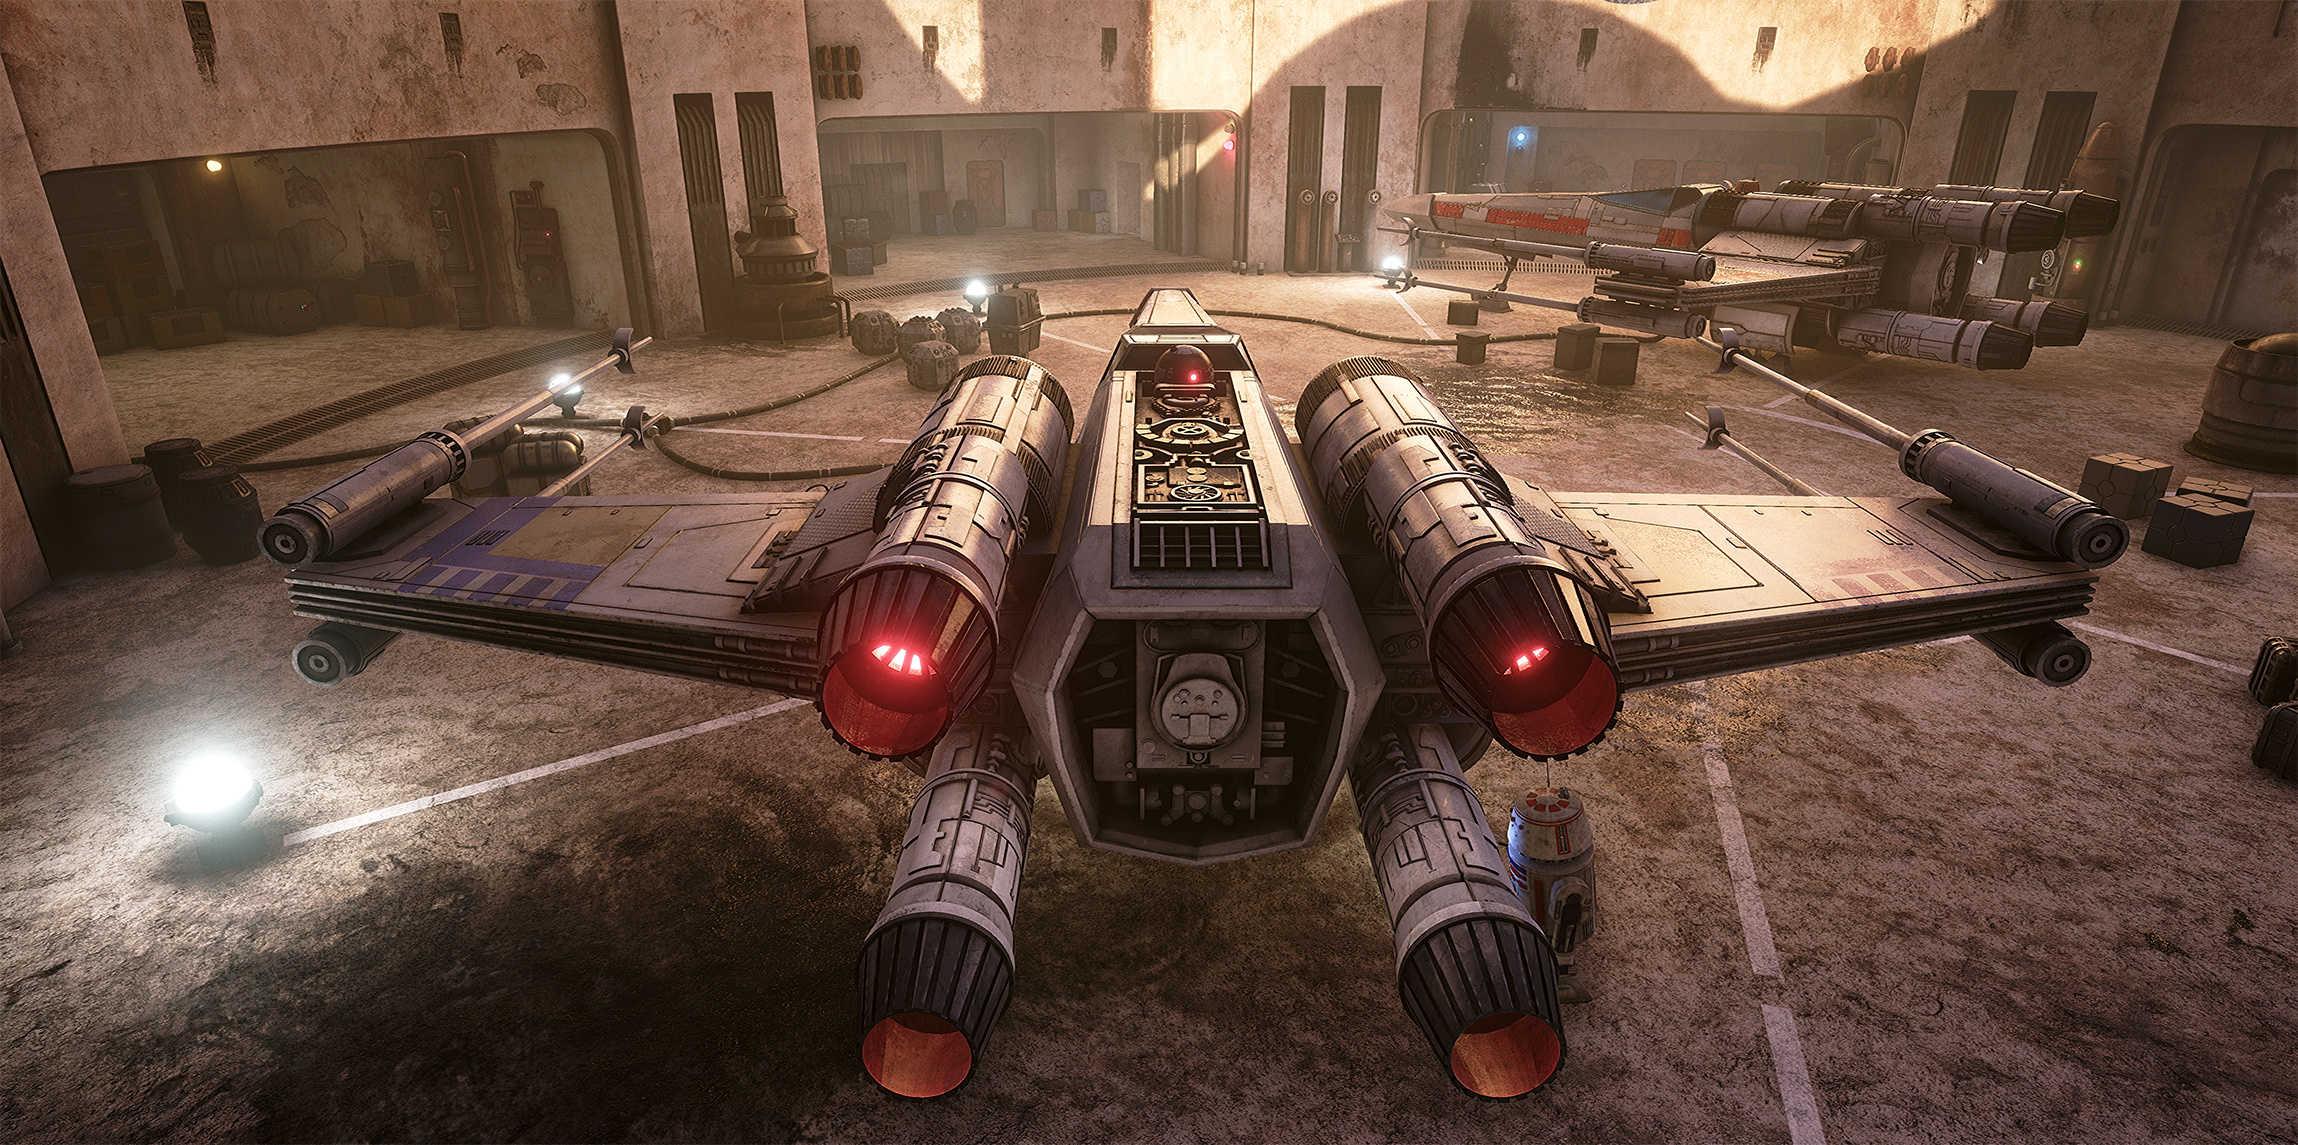 Vývojáři z Obsidianu vytvořili překrásnou Star Wars scenérii v enginu Unreal 4 130535